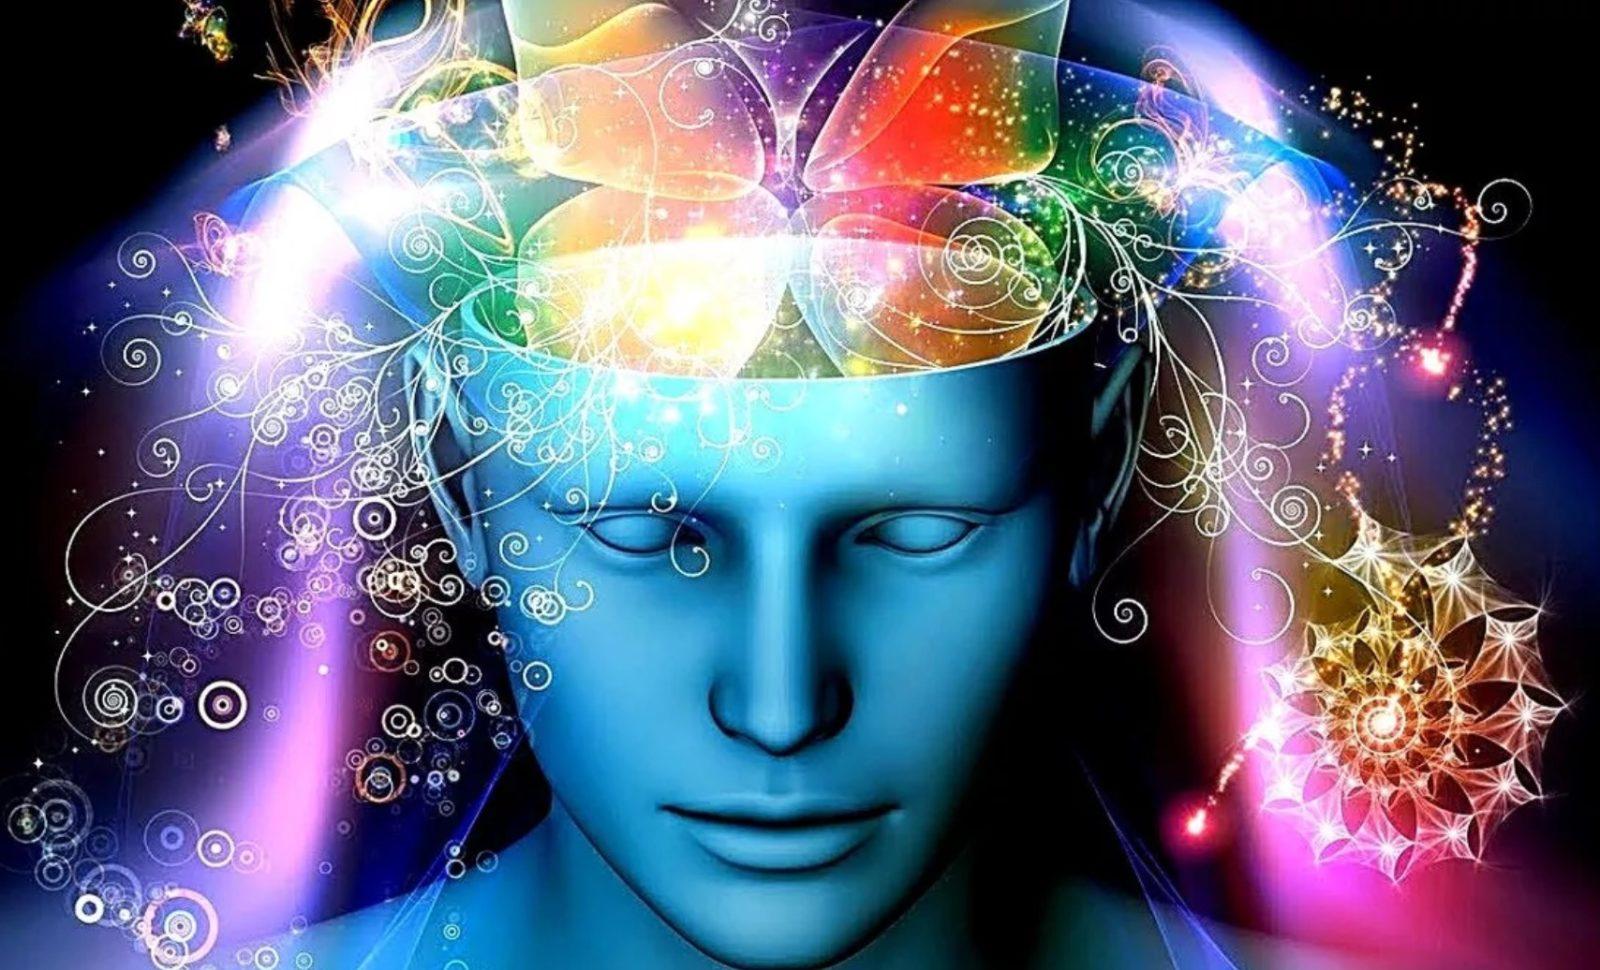 Сознание и подсознание — кто главней?